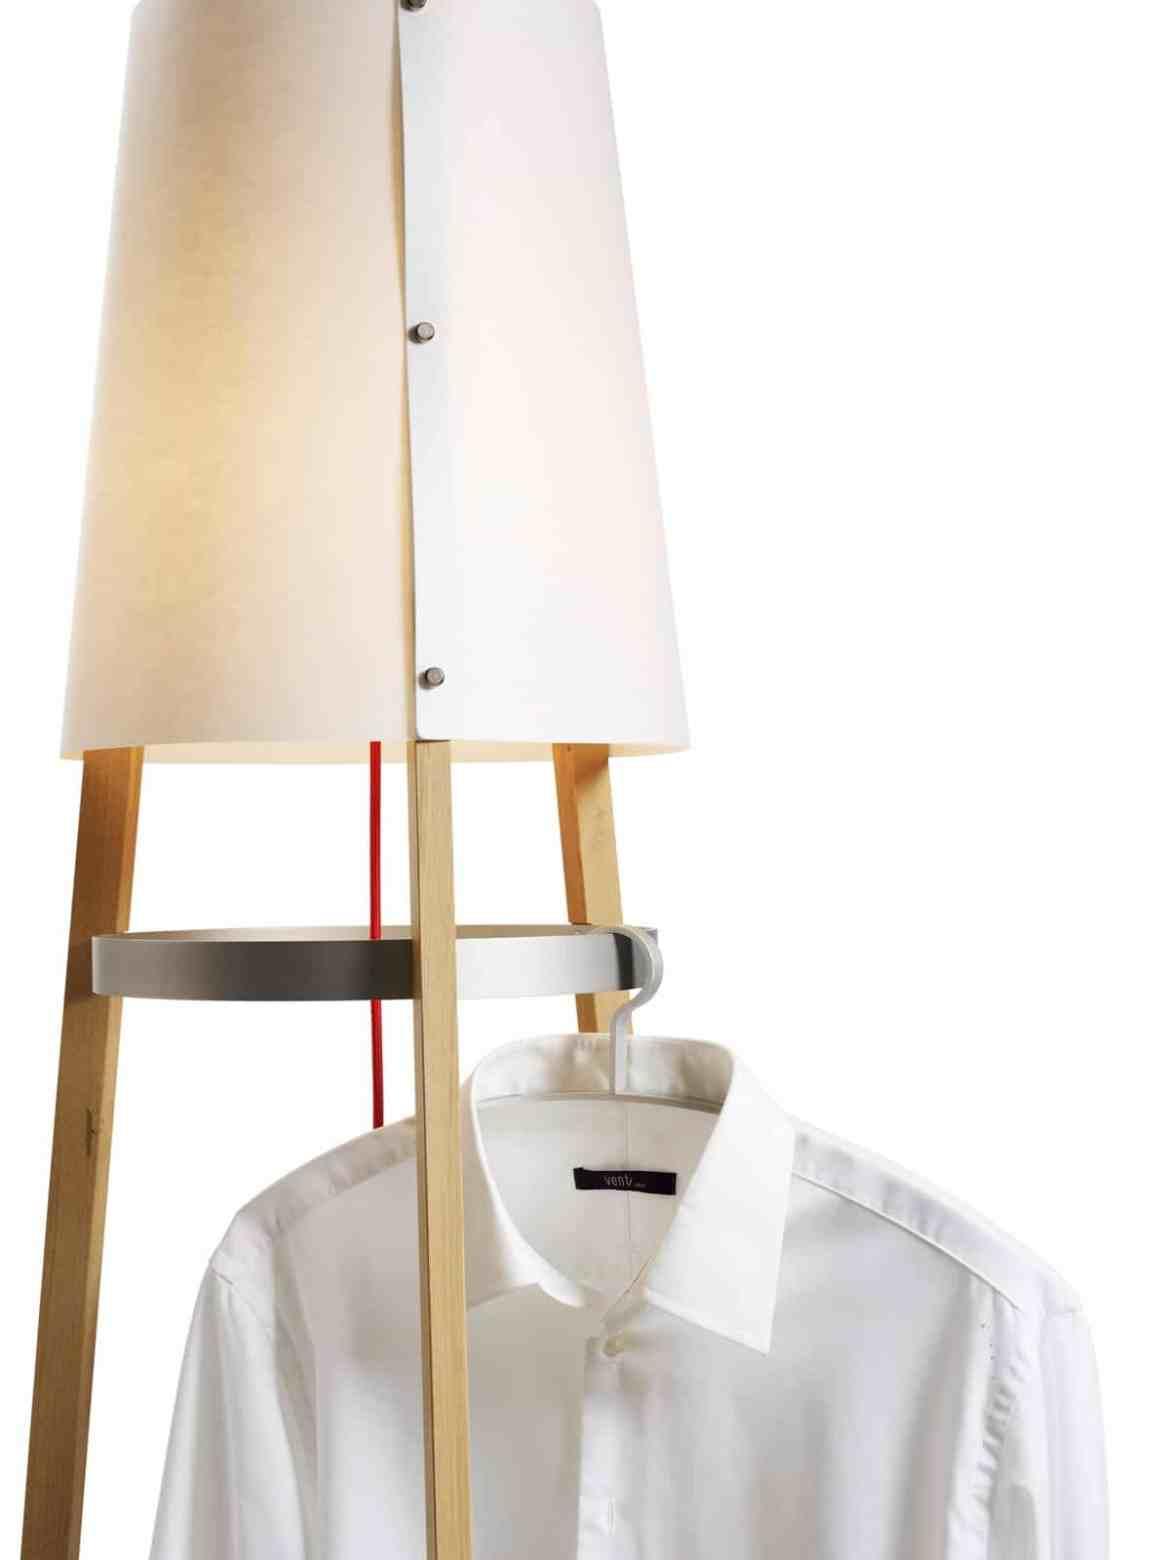 Designerleuchten von Domus Stehleuchte Wai Ting im Onlineshop DesignOrt